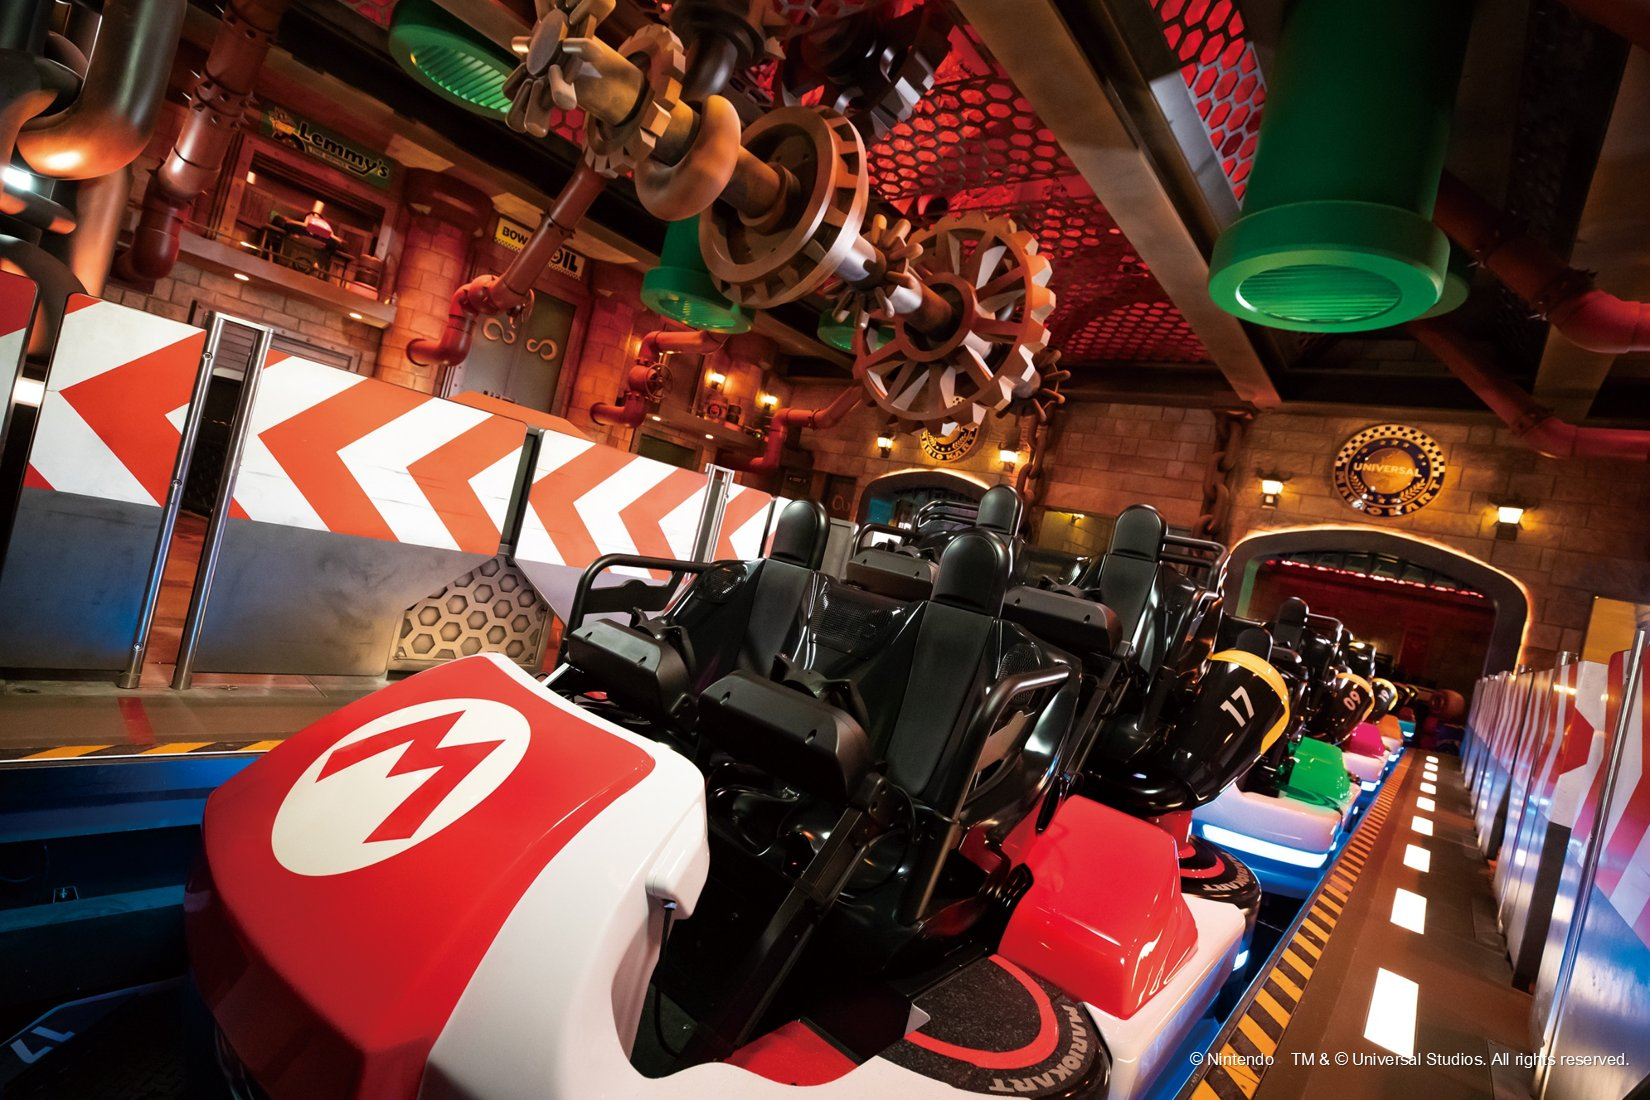 Super Nintendo World - Parc Universal Studios Japon EoEKj47WMAE-5V3?format=jpg&name=large